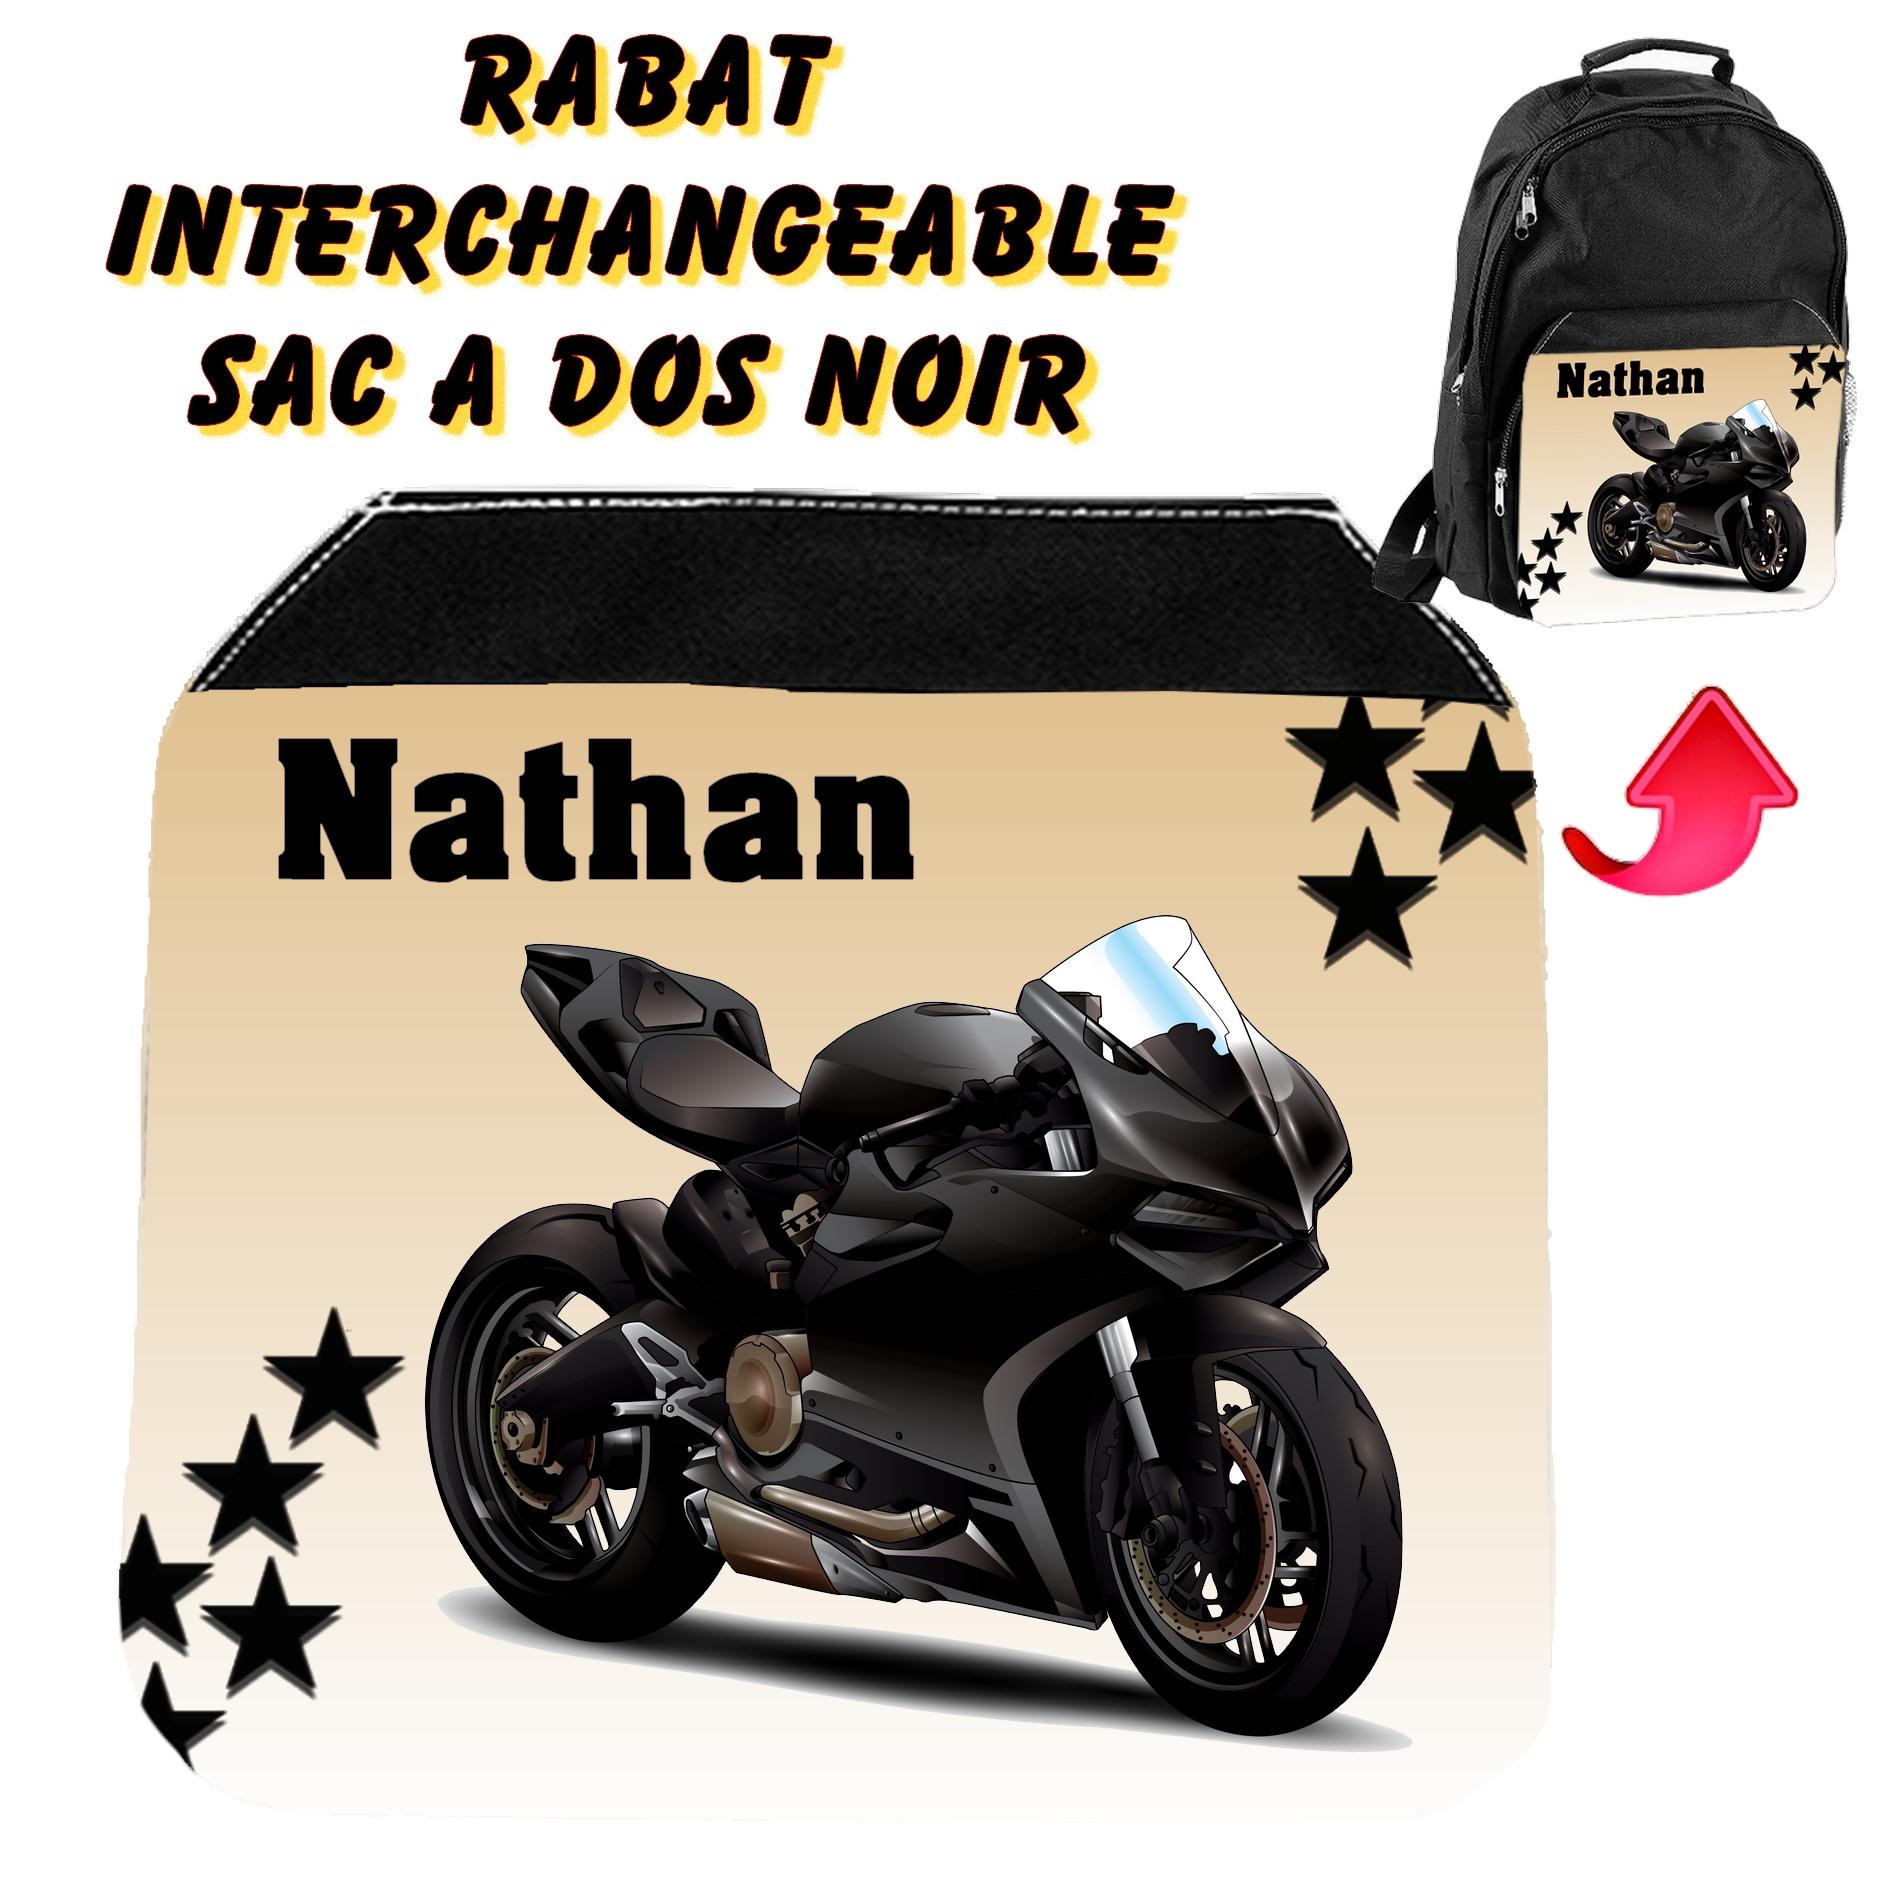 Rabat interchangeable Moto personnalisé avec prénom